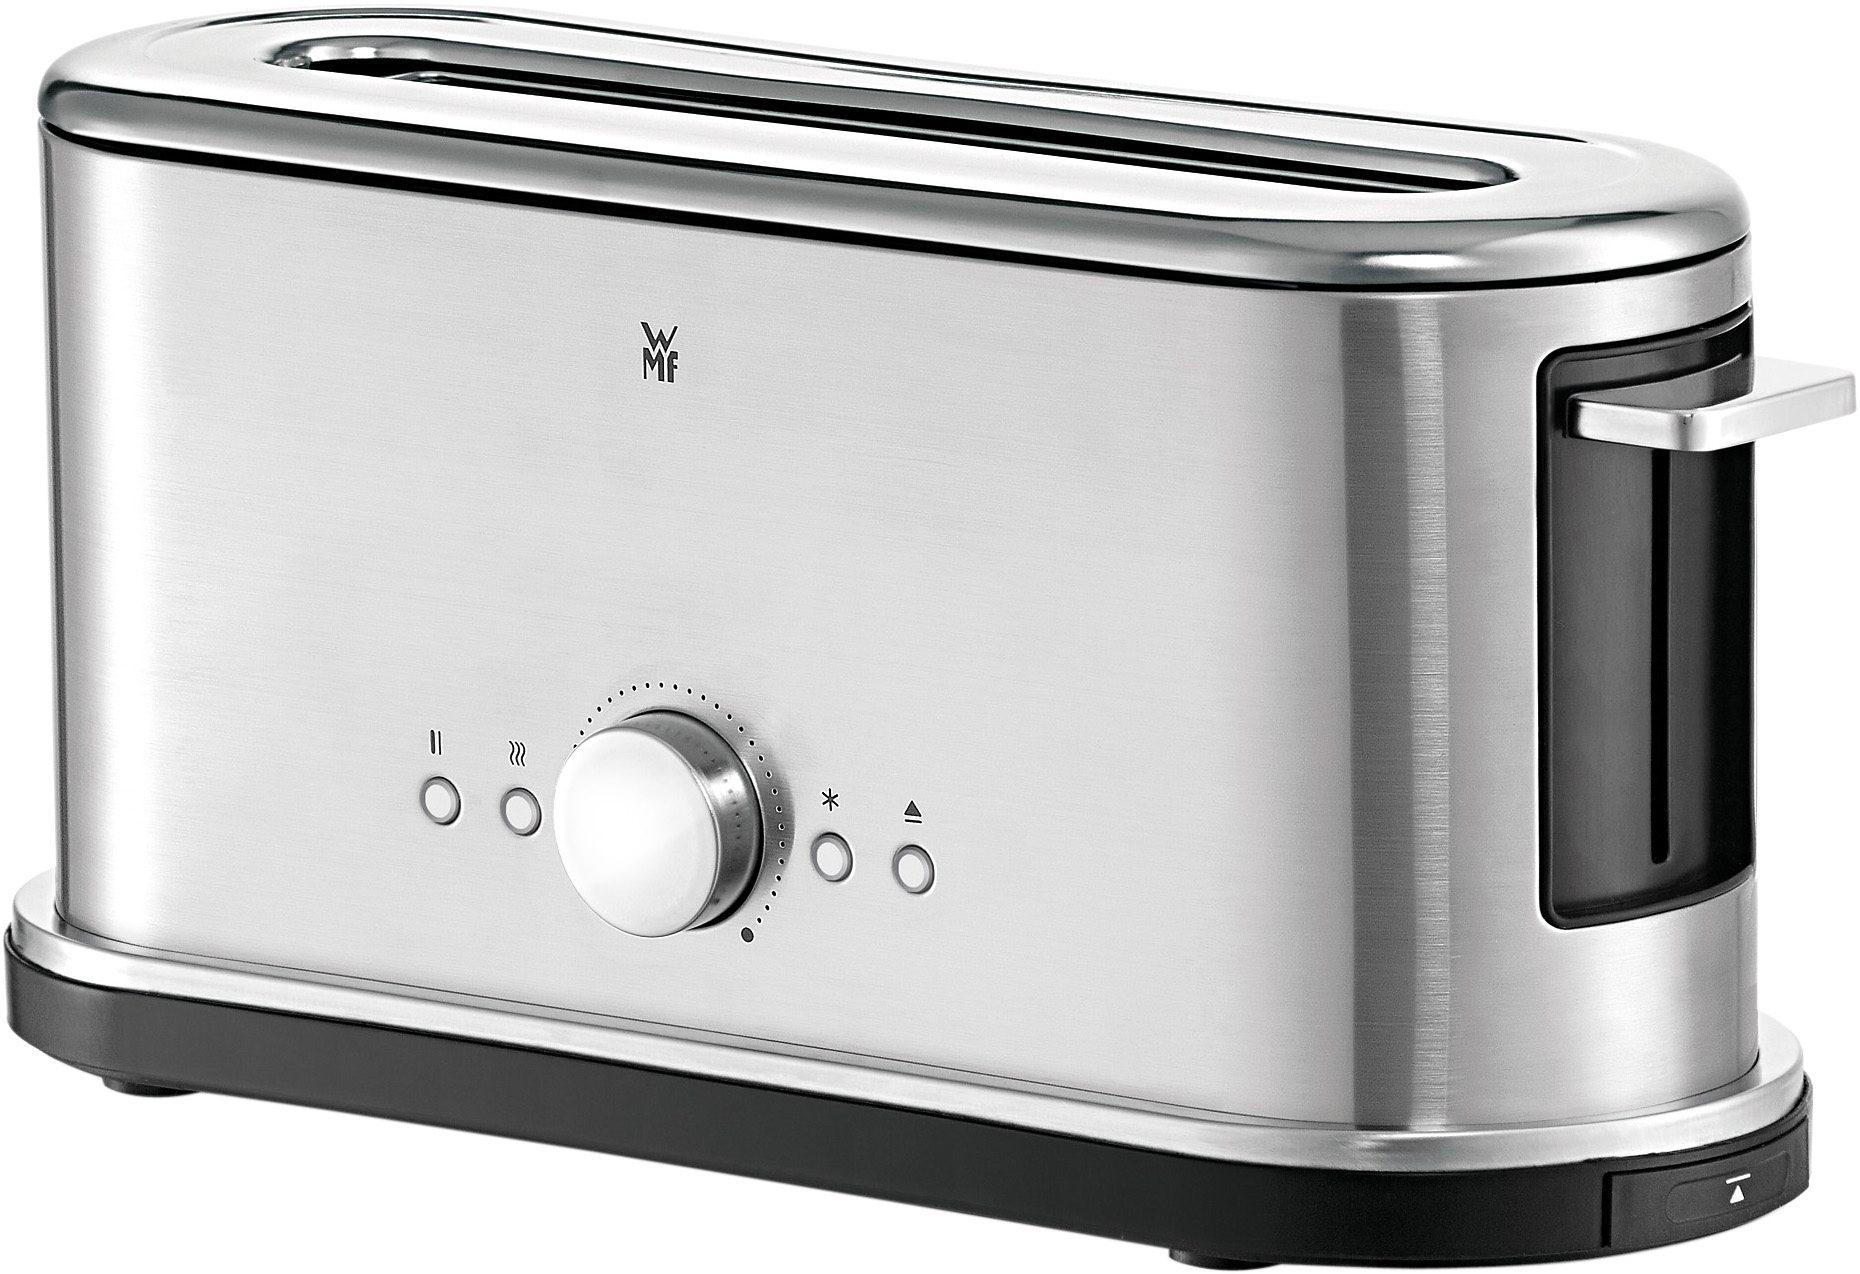 WMF Langschlitz- Toaster LINEO, auch für XXL-Toastscheiben